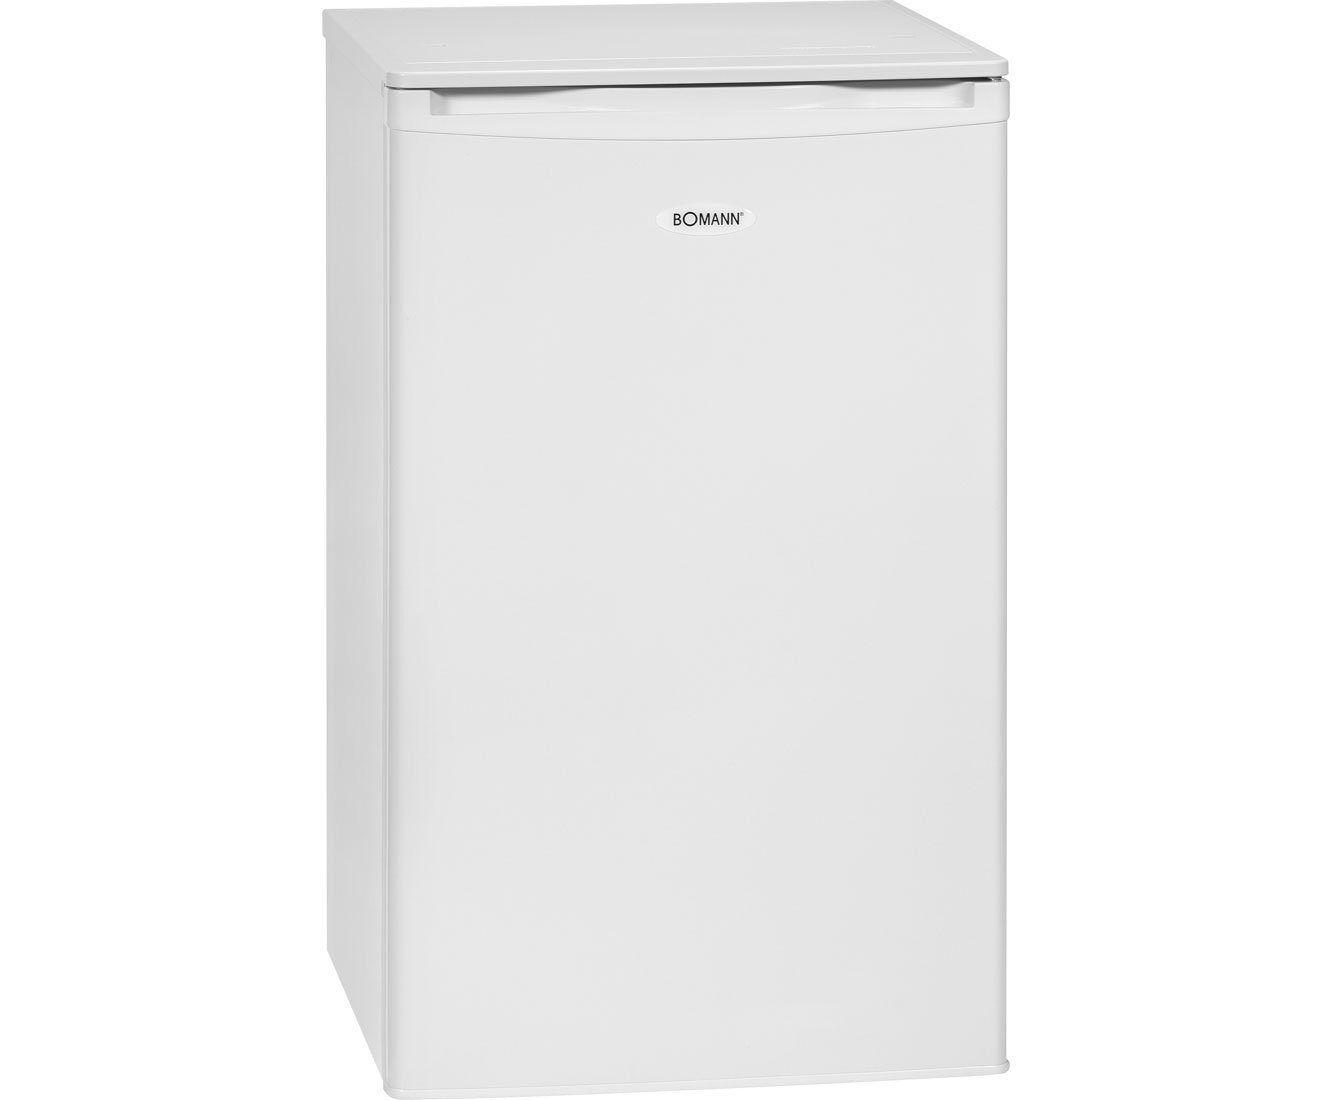 BOMANN Kühlschrank KS 163.1, 84.7 cm hoch, 49.4 cm breit, Energieeffizienzklasse A+